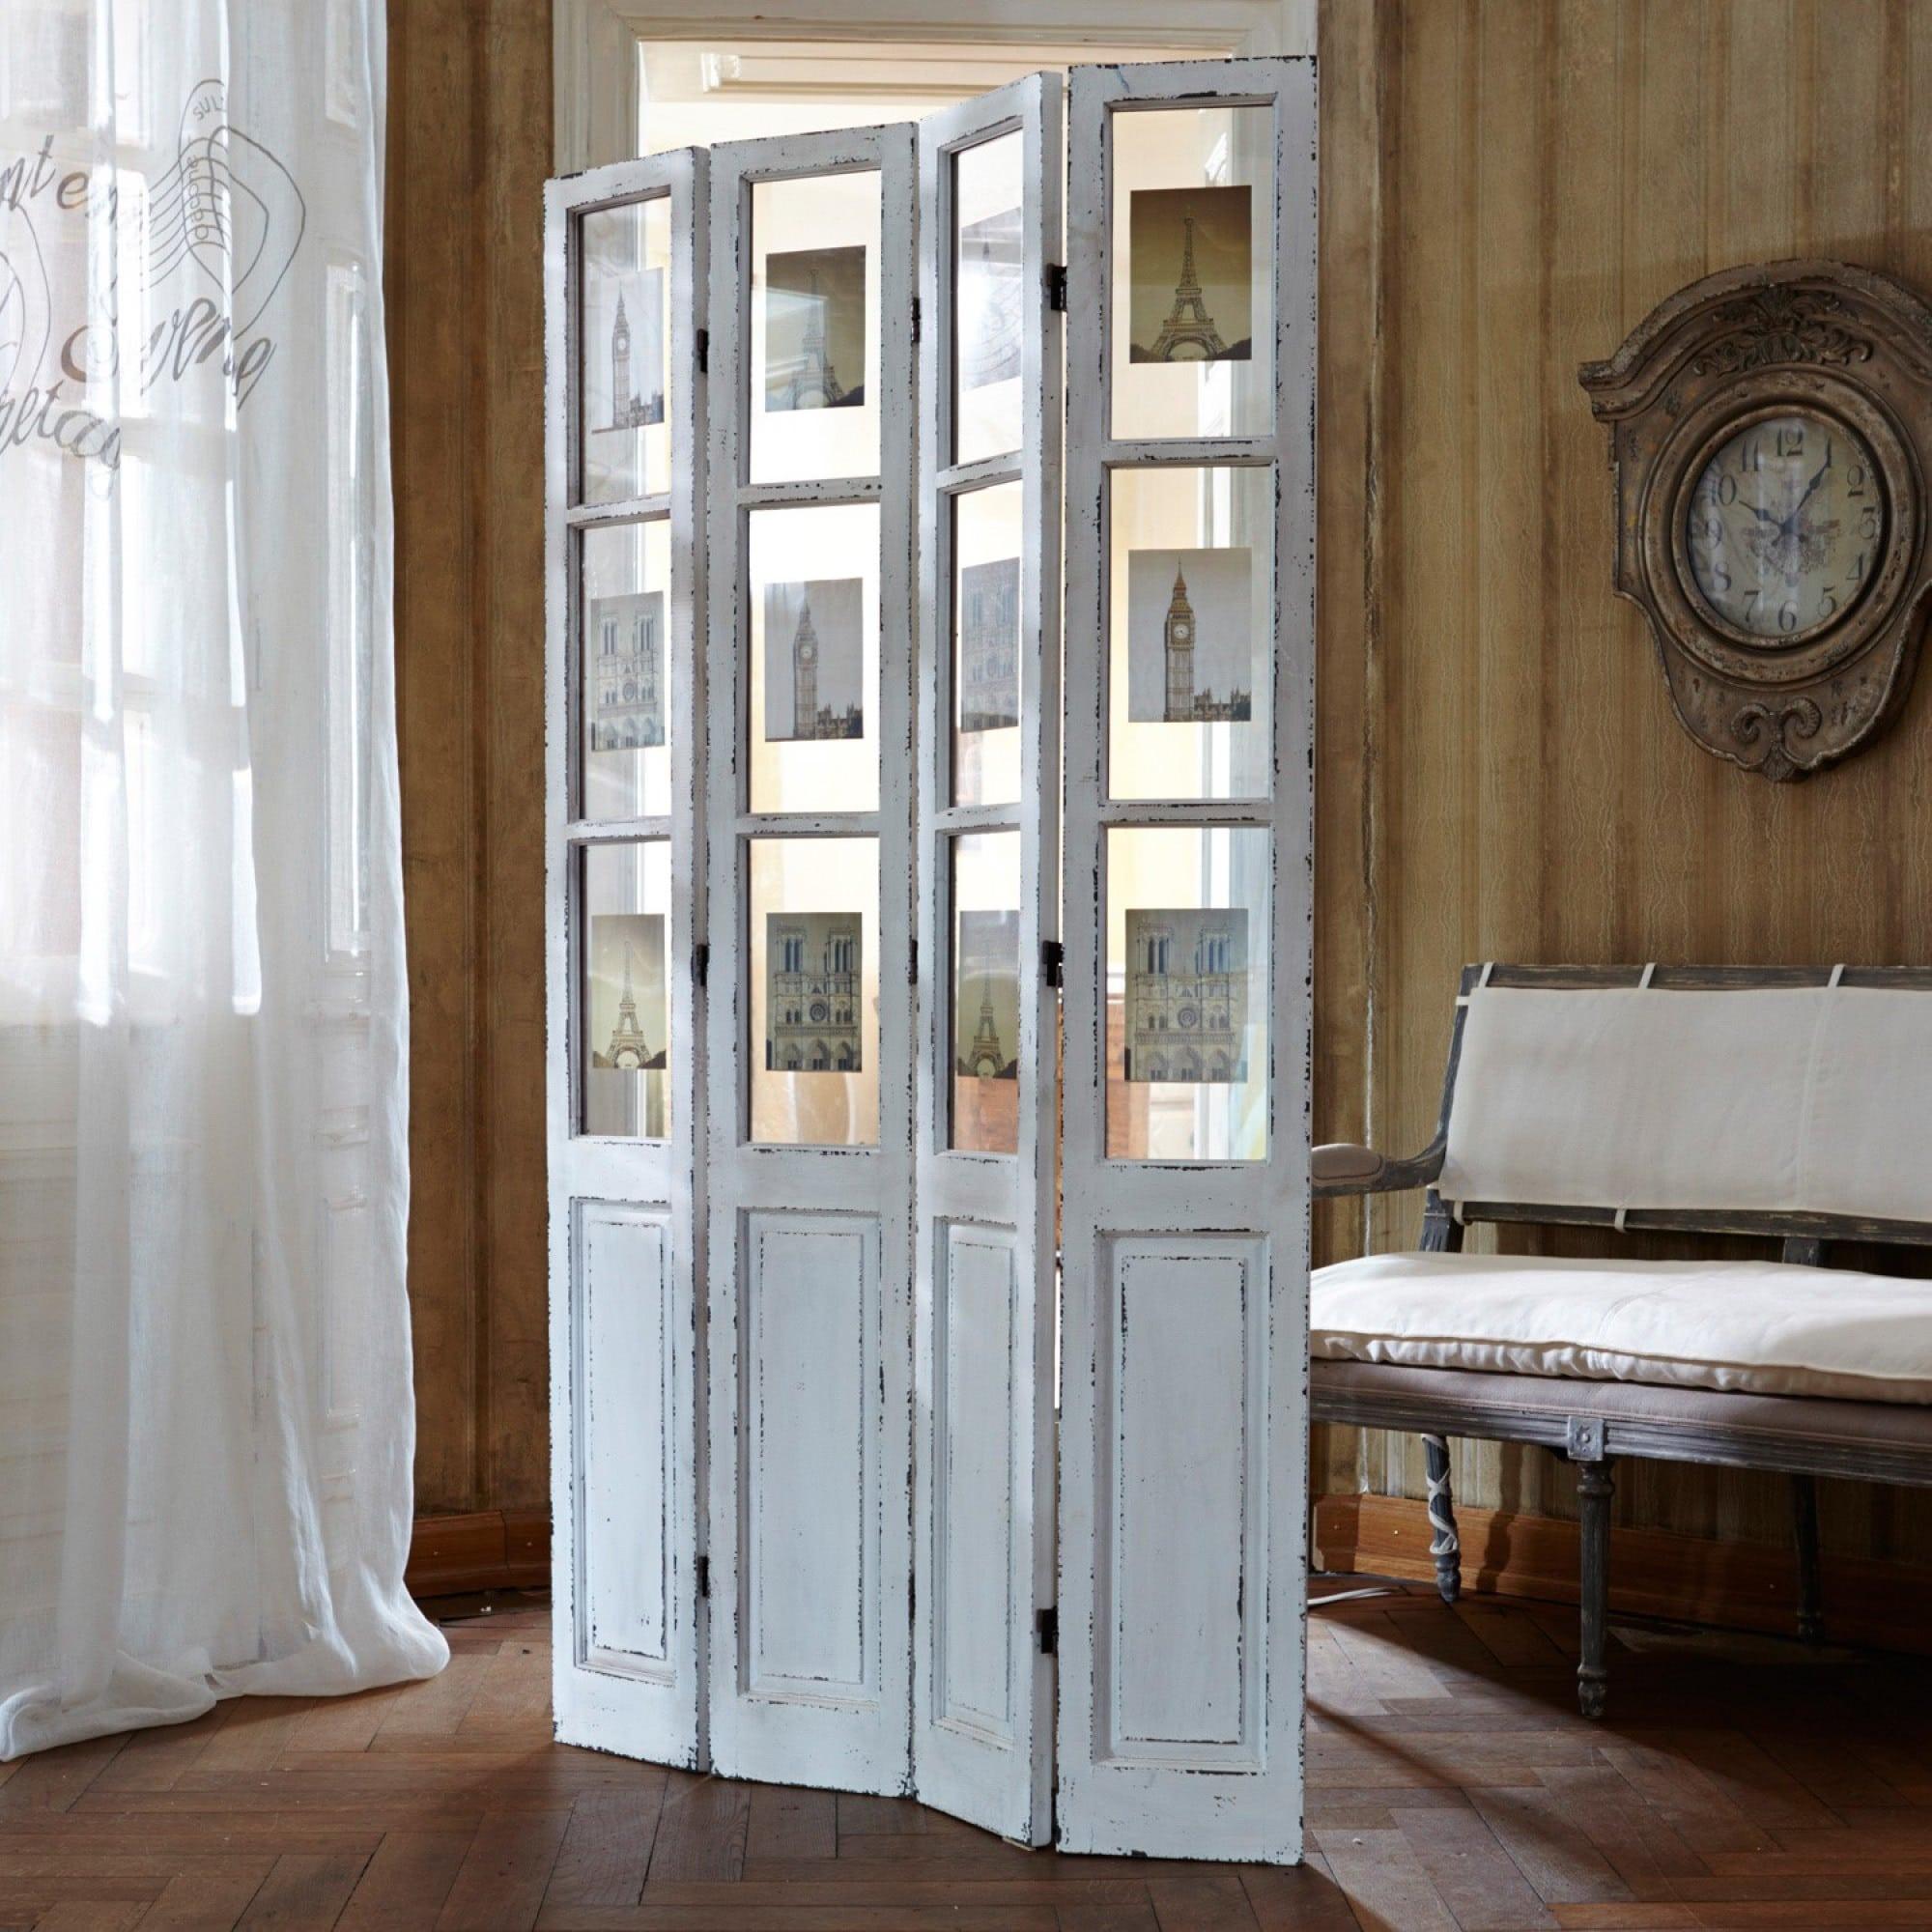 paravent parison loberon coming home. Black Bedroom Furniture Sets. Home Design Ideas